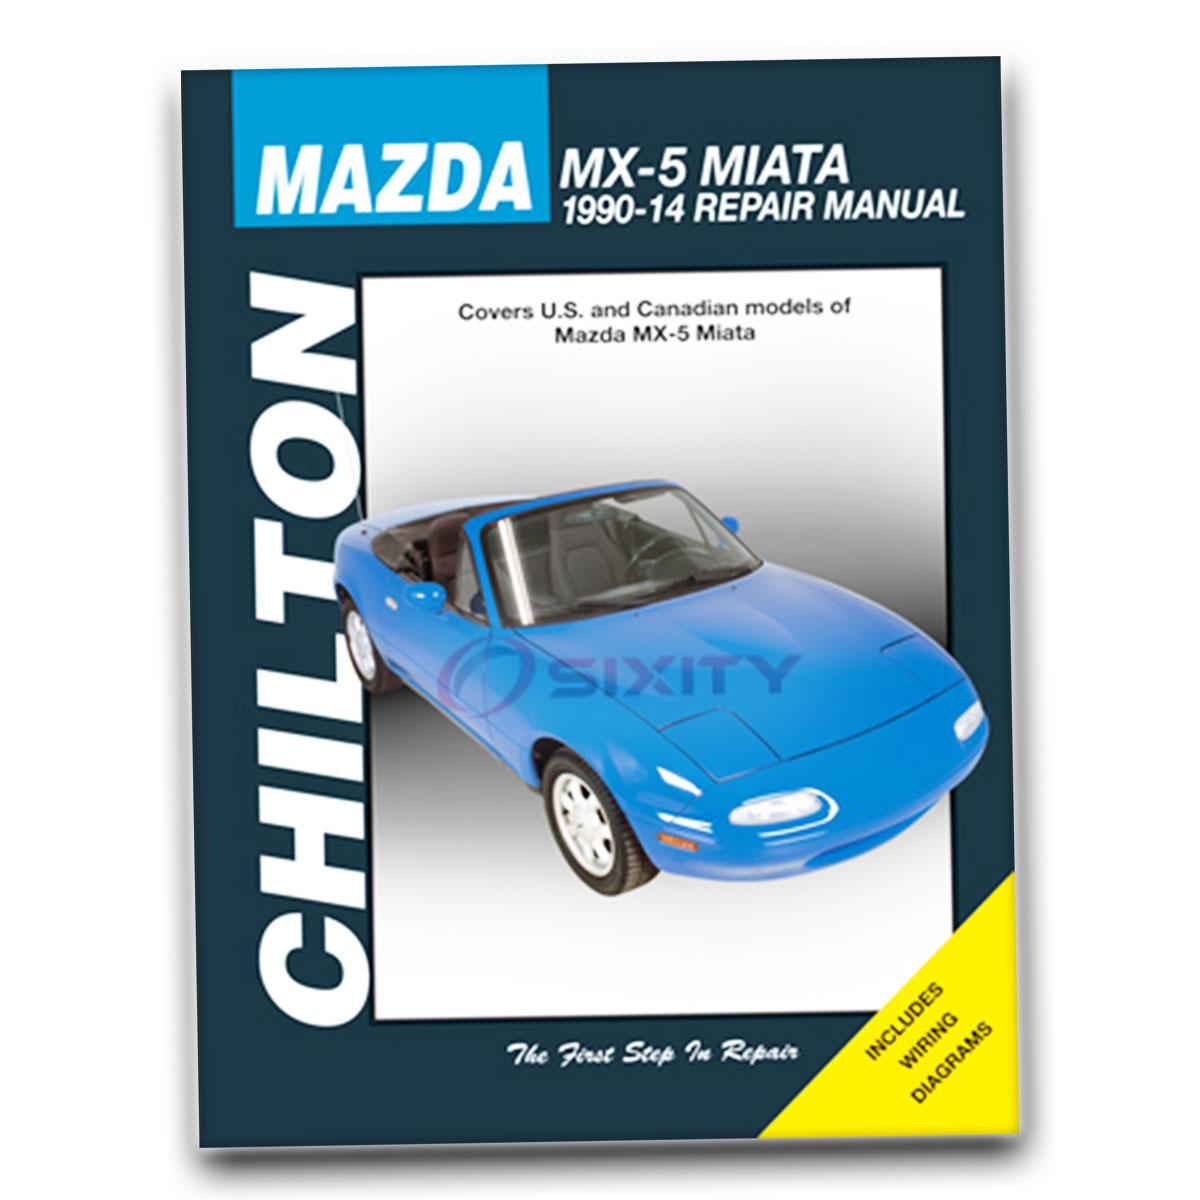 Chilton Repair Manual for Mazda Miata 10th Anniversary M Edition Base LE  STO lx